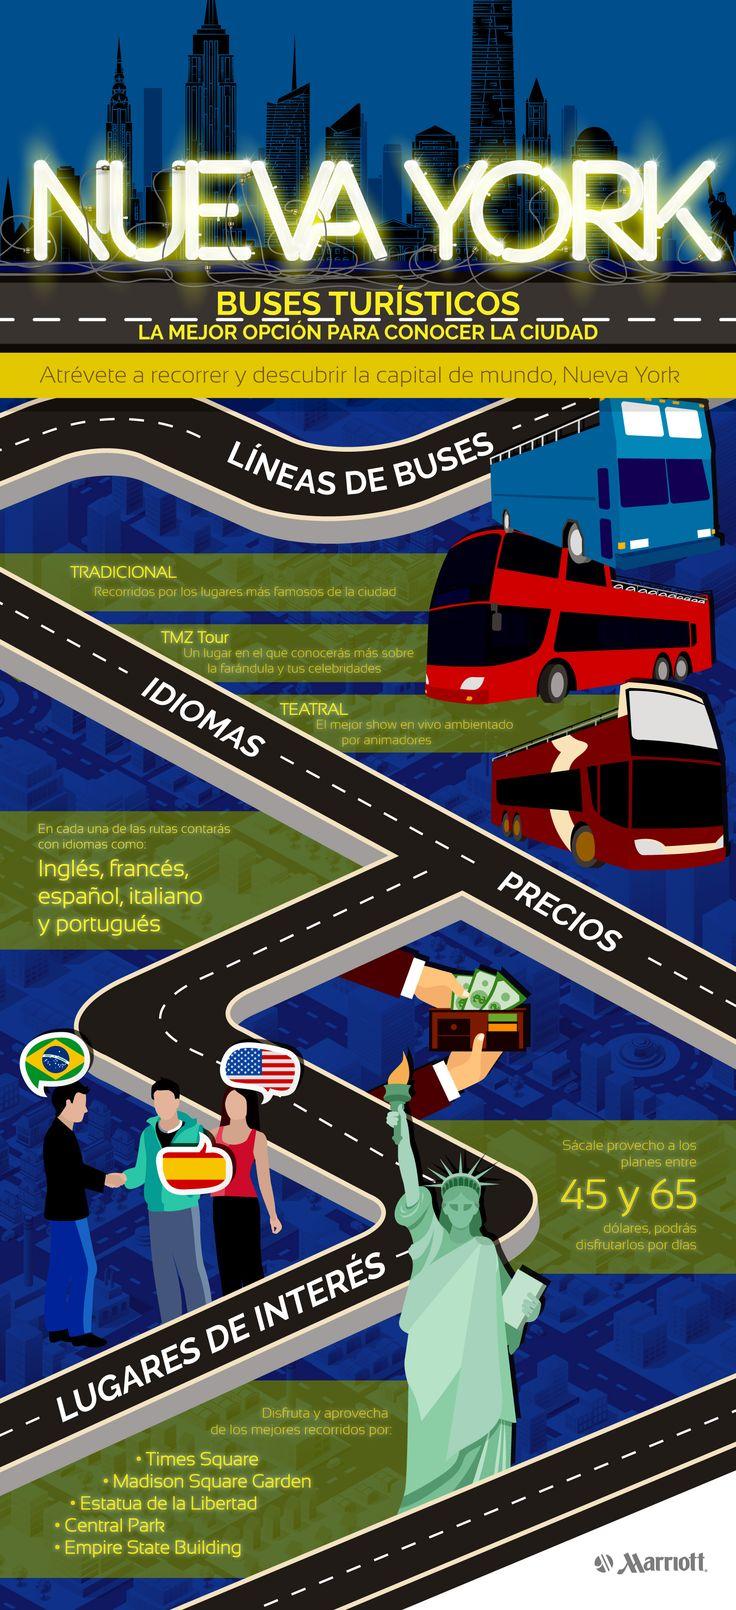 Una de las mejores formas de conocer en poco tiempo la mayor cantidad de sitios de interés en New York, es por medio de los buses turísticos. #NY #NewYork #NuevaYork #TuristBus #Bus #Travel #Vacation #Tips #Marriott #ThingsToDoIn #Turist #HotelesMarriott #Infographic #Infografía